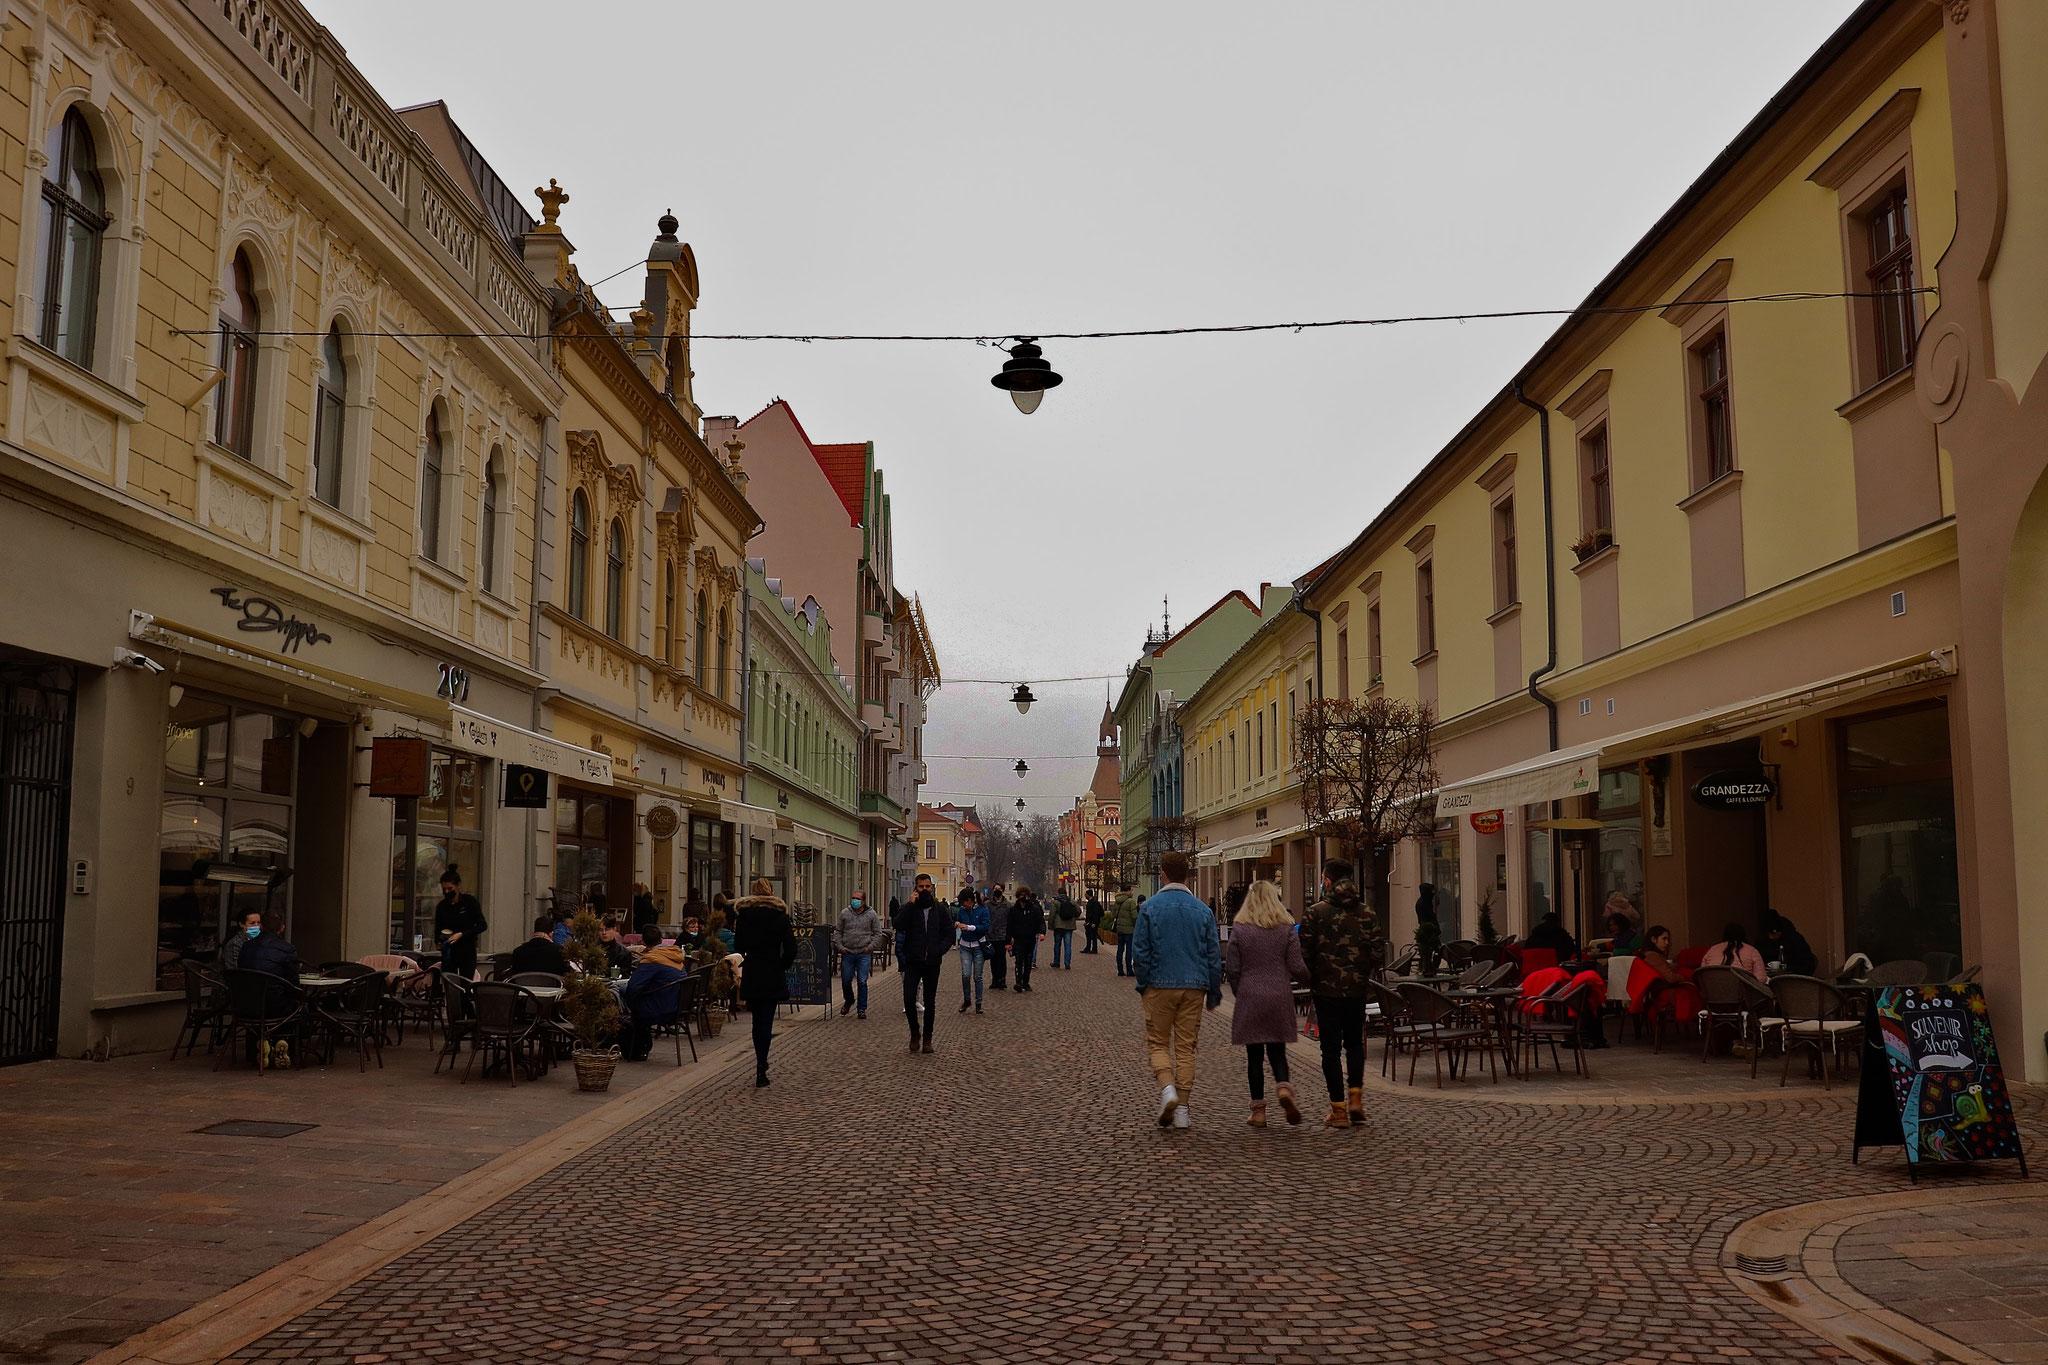 Foto: Jakabffy Boróka-Kinga (Oradea / Nagyvárad)